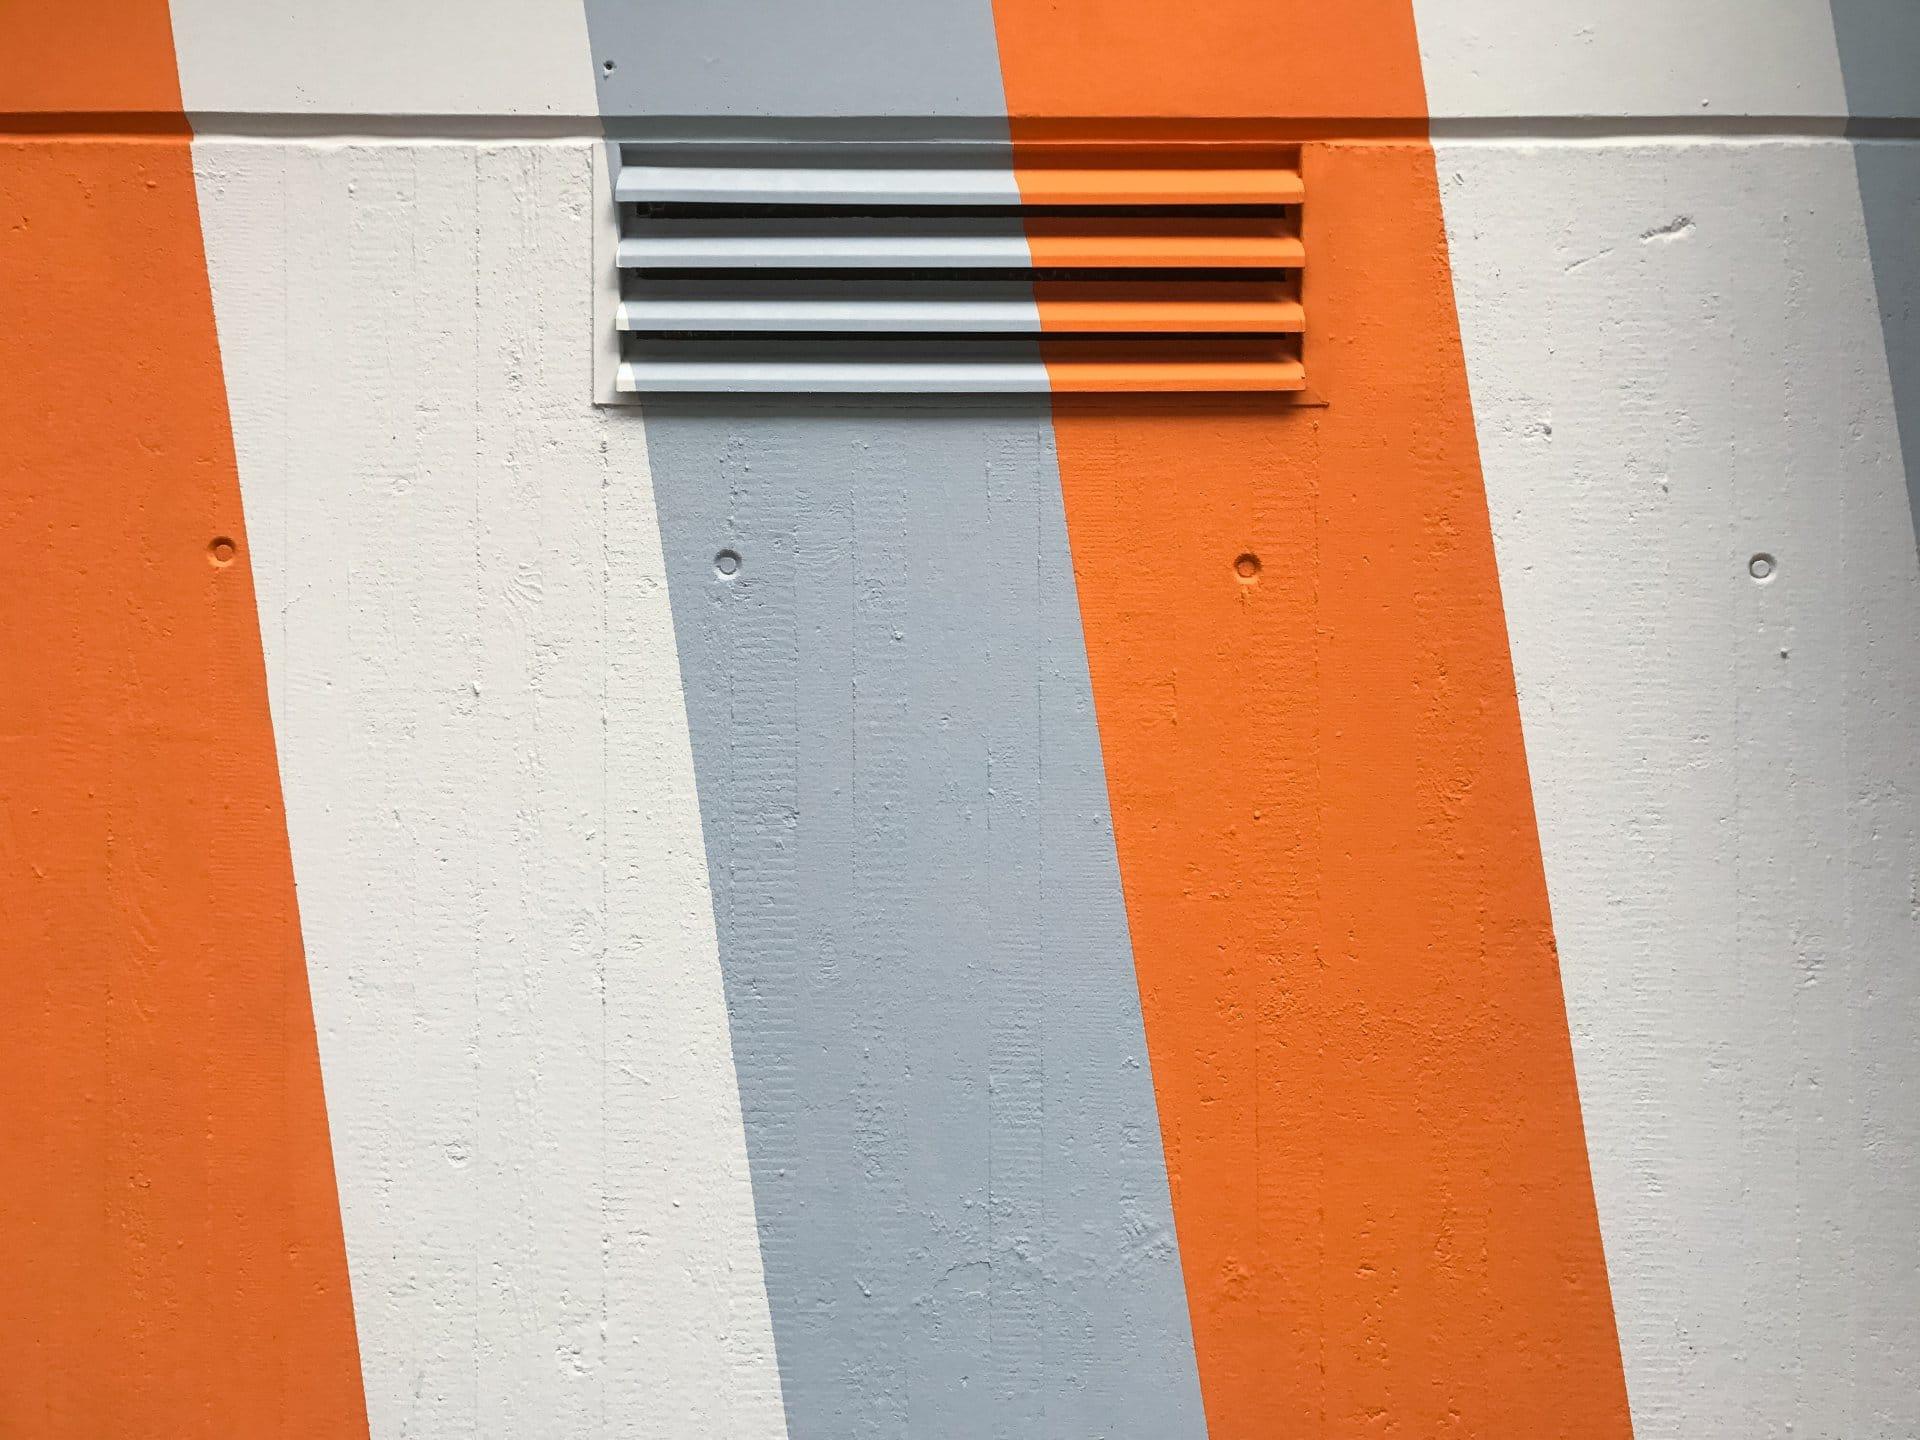 2017 04 22 stripes